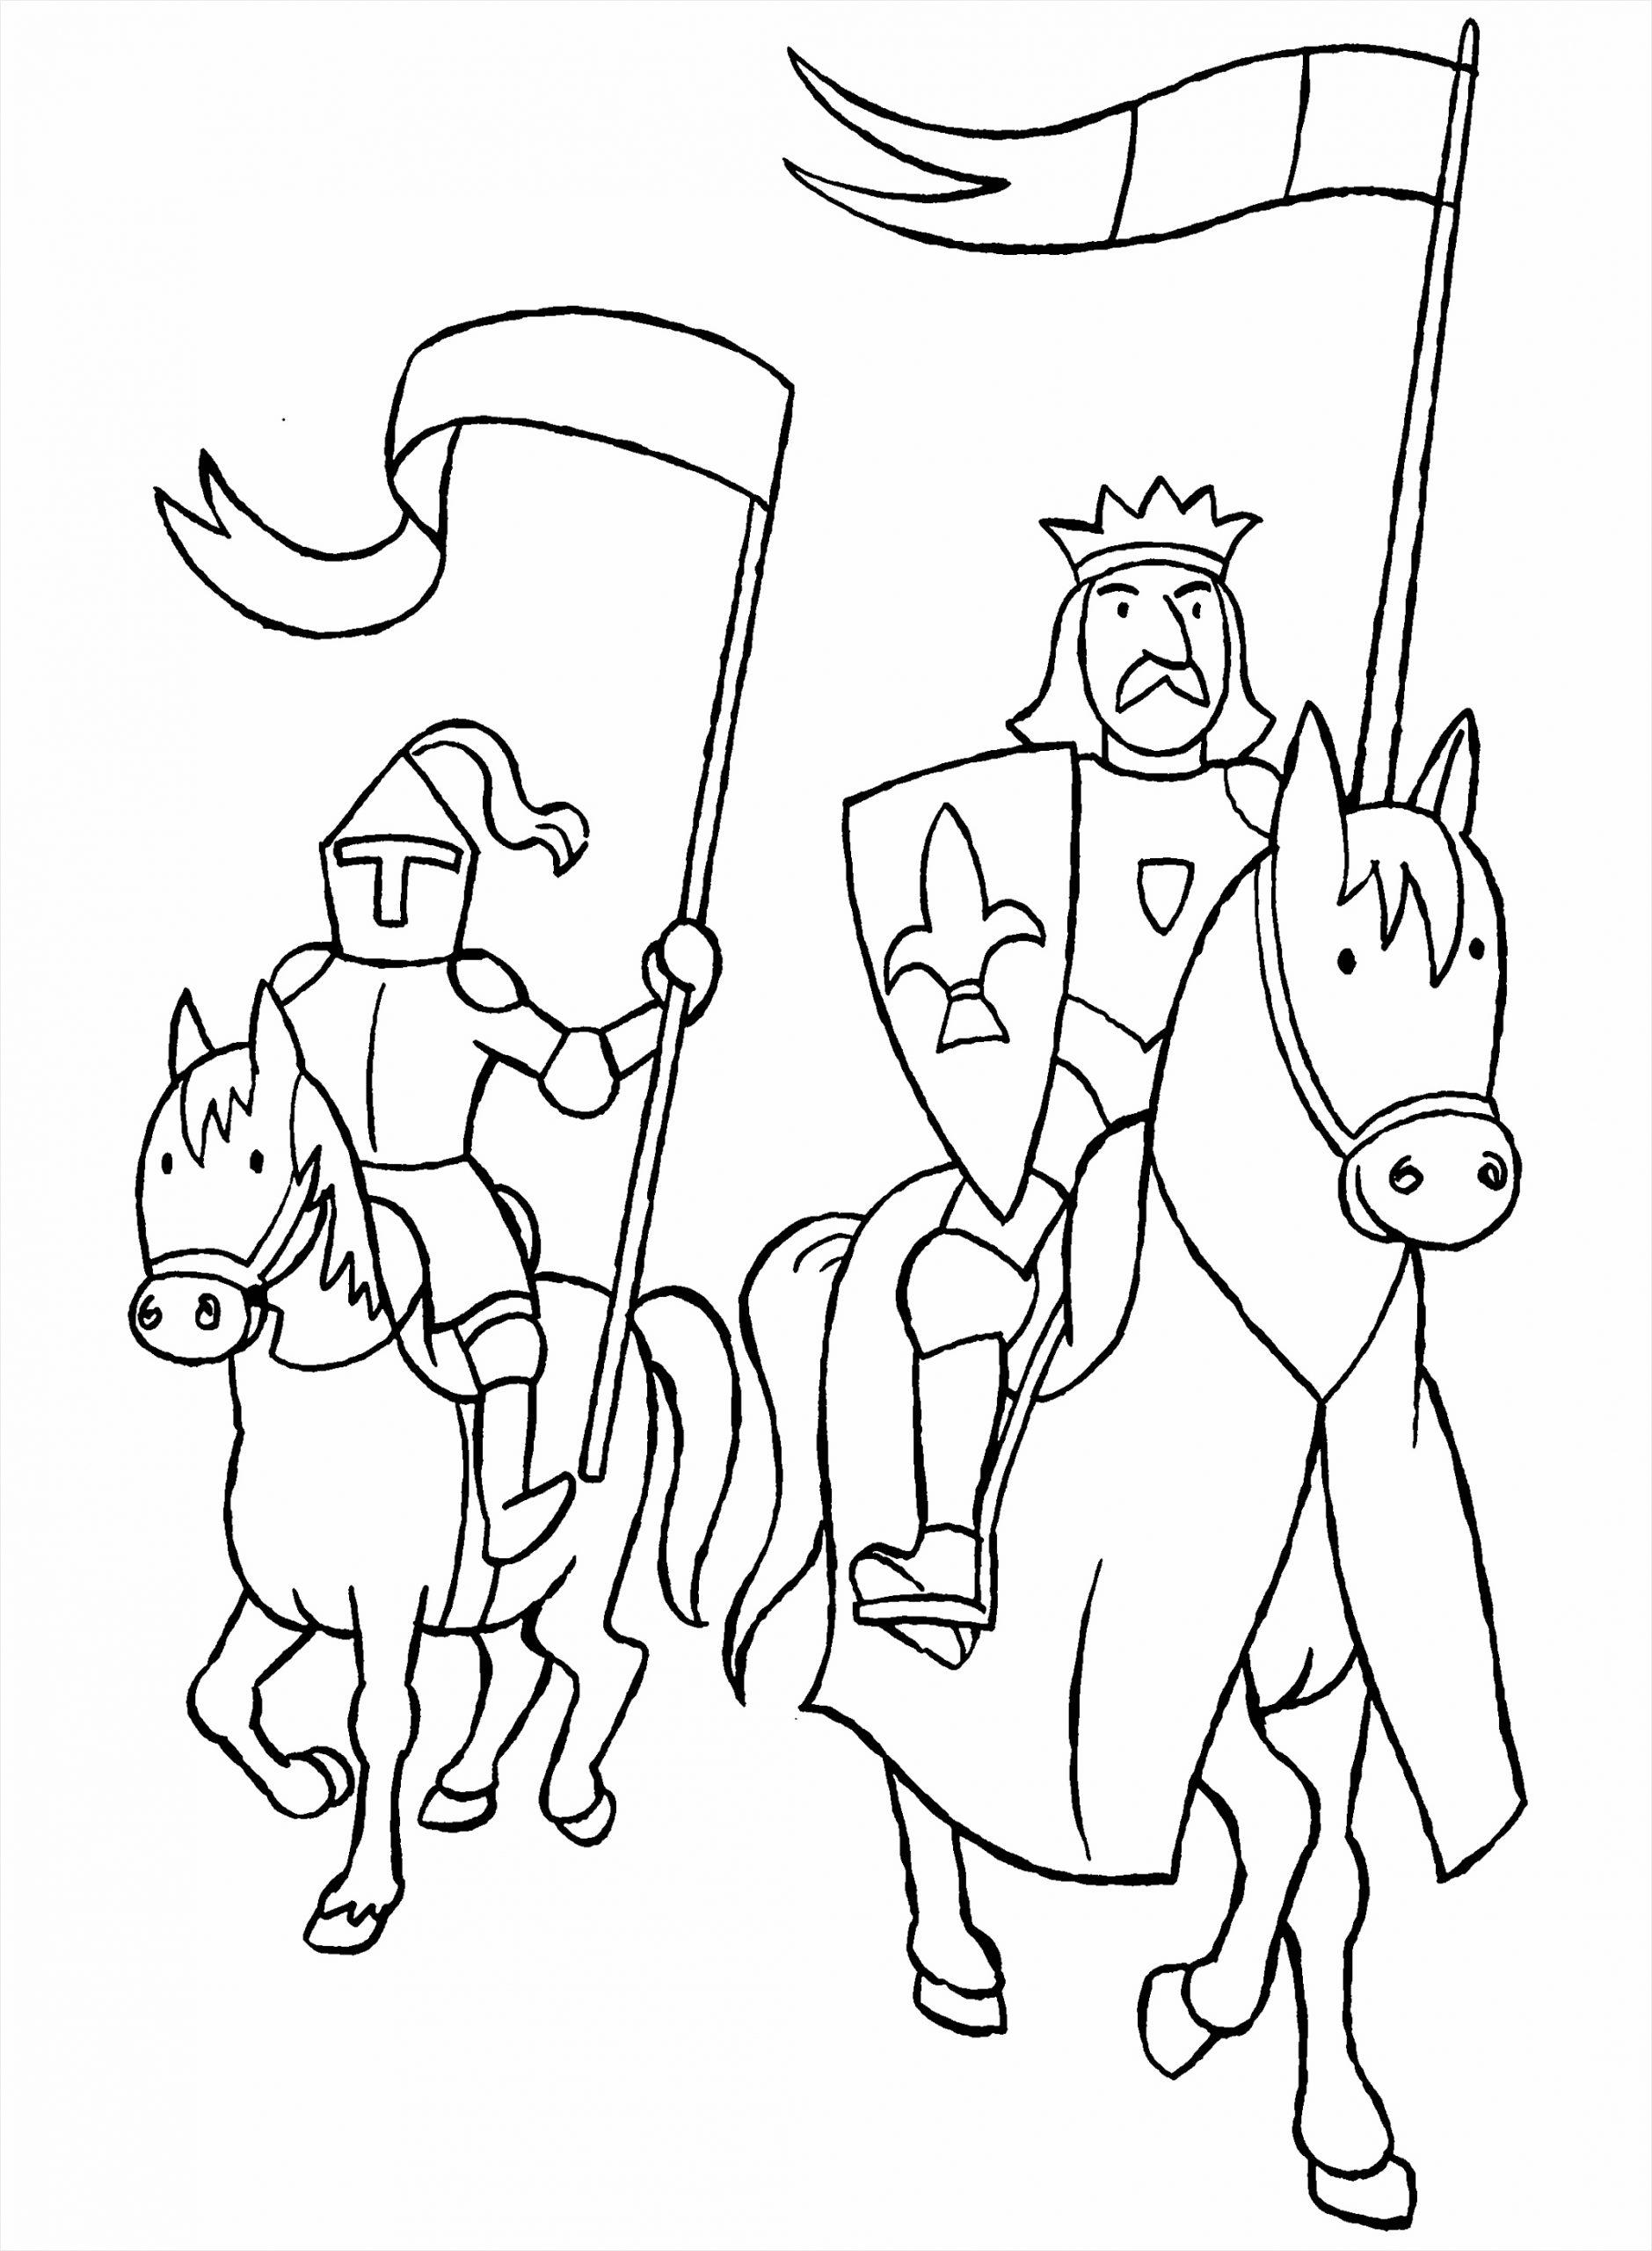 ridder16 pocte